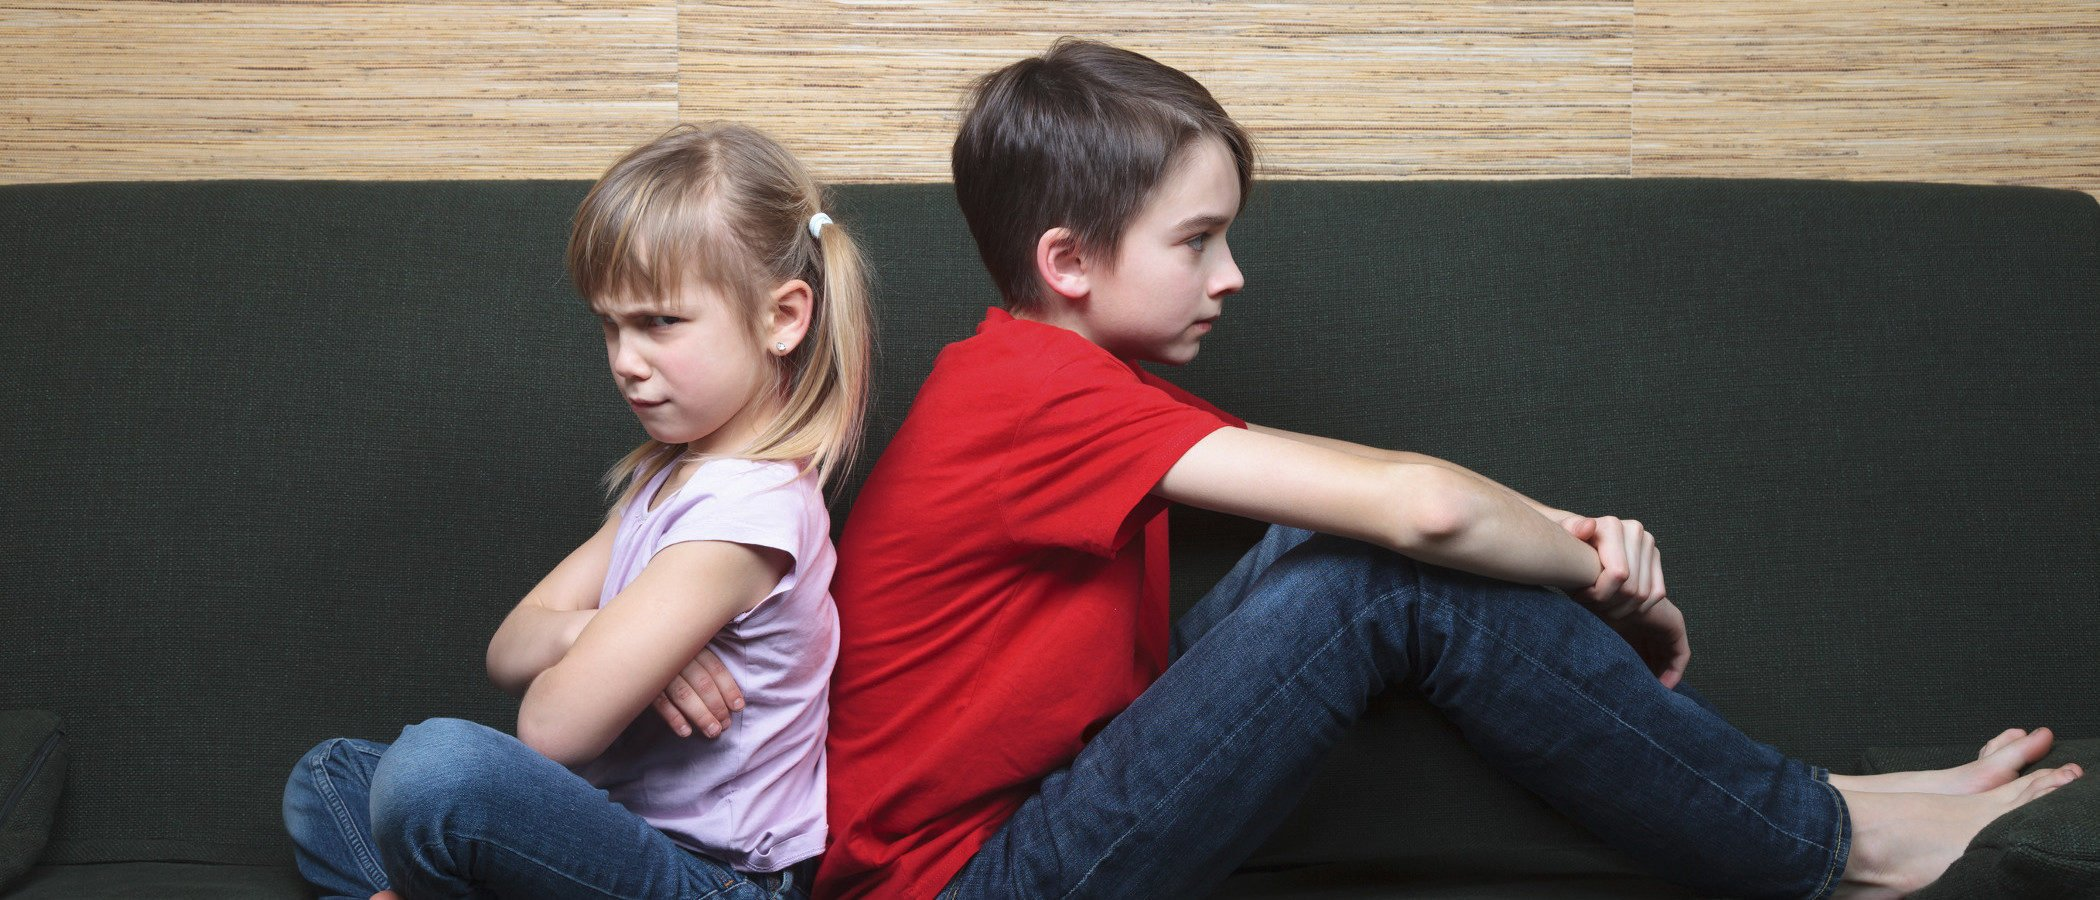 Celos entre hermanos: cómo superarlos de manera positiva